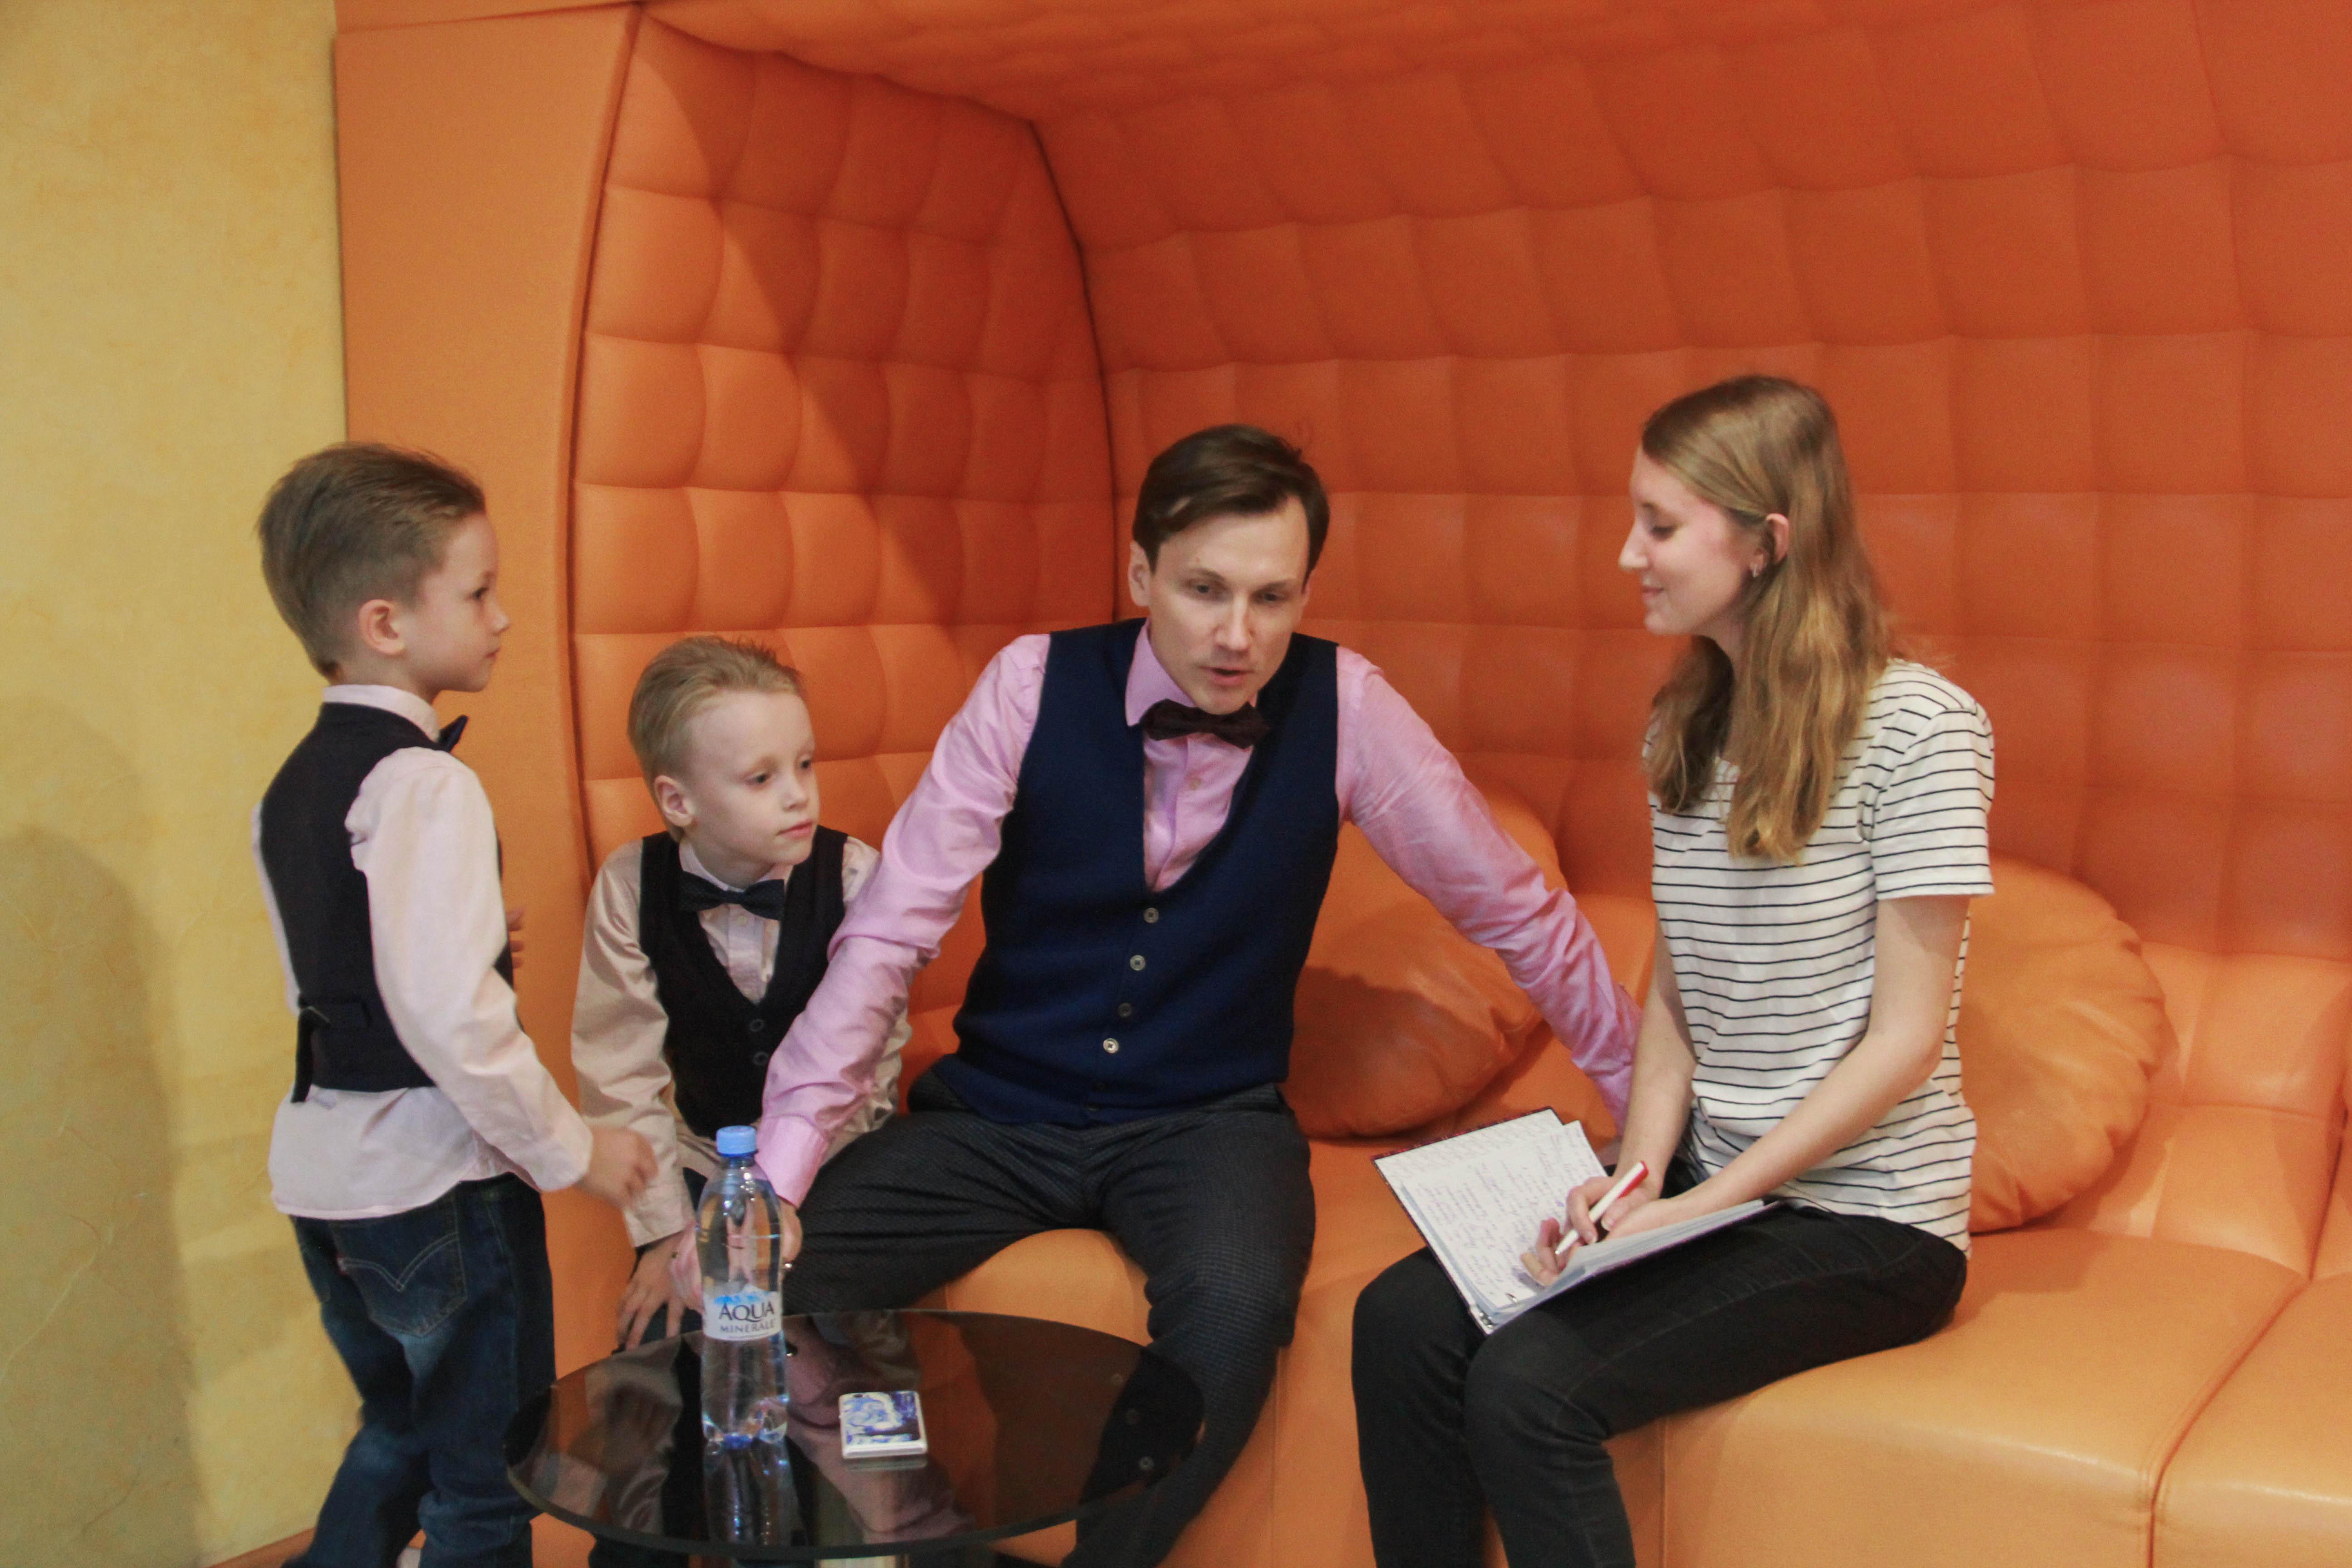 Мясников вячеслав владимирович с женой фото дети